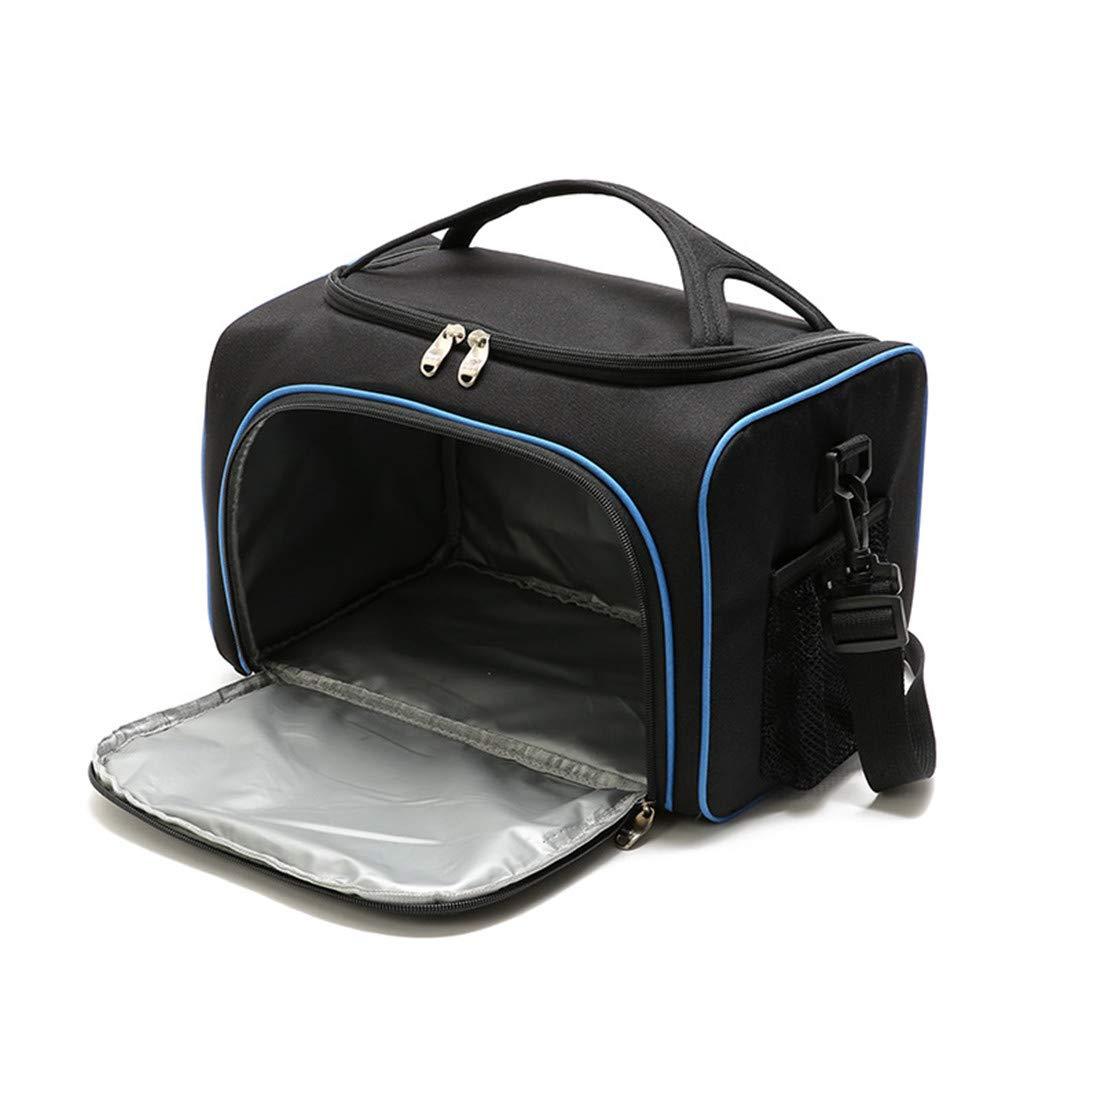 LHY TRAVEL Picknicktasche Isolationsbeutel Tragbare Lunchpaket Wasserdichte Verdickung Konservierungsmittel Eisbeutel Student Lunchpaket,A